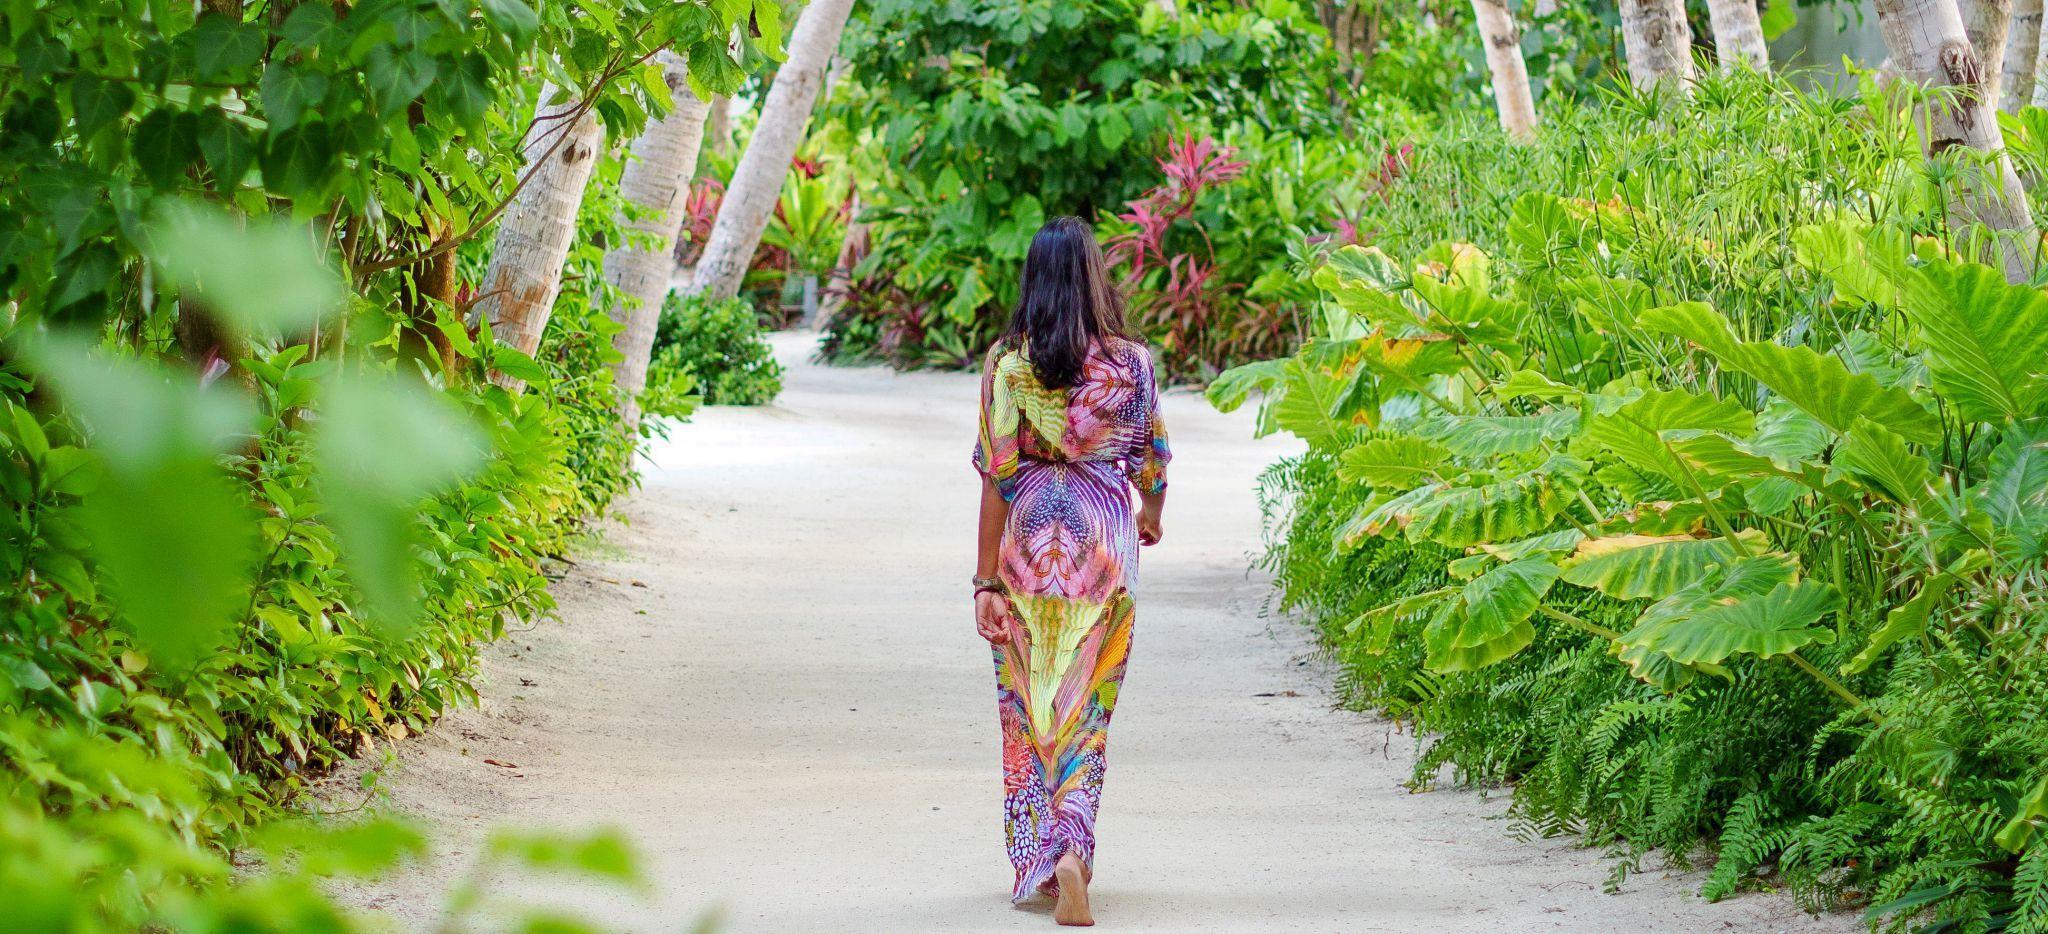 Eine Dame in einem Bunten Kleid läuft durch einen gepflegten Dschungelweg